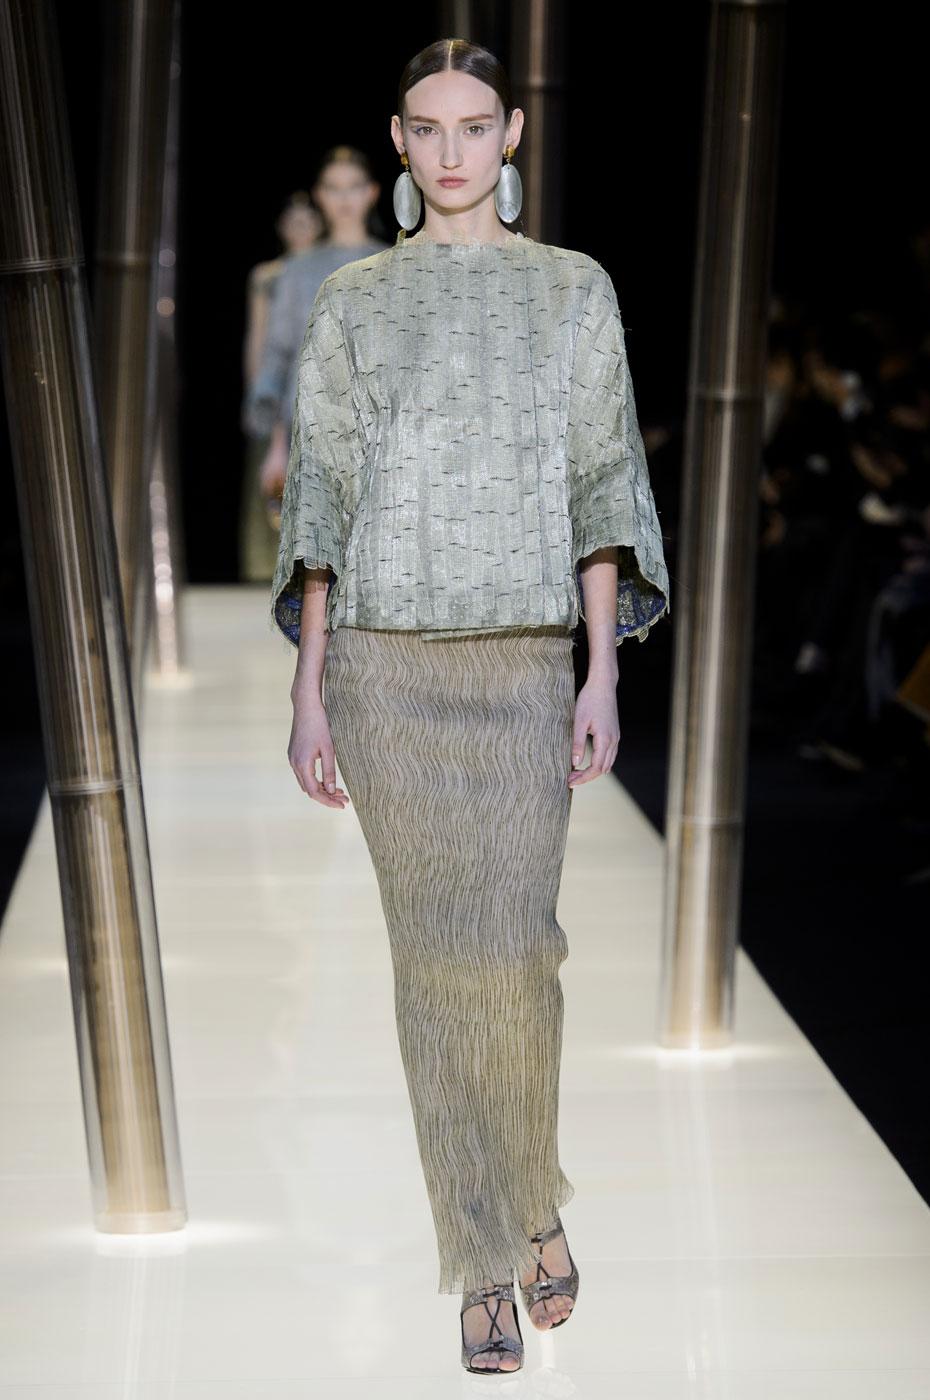 Giorgio-armani-Prive-fashion-runway-show-haute-couture-paris-spring-2015-the-impression-041